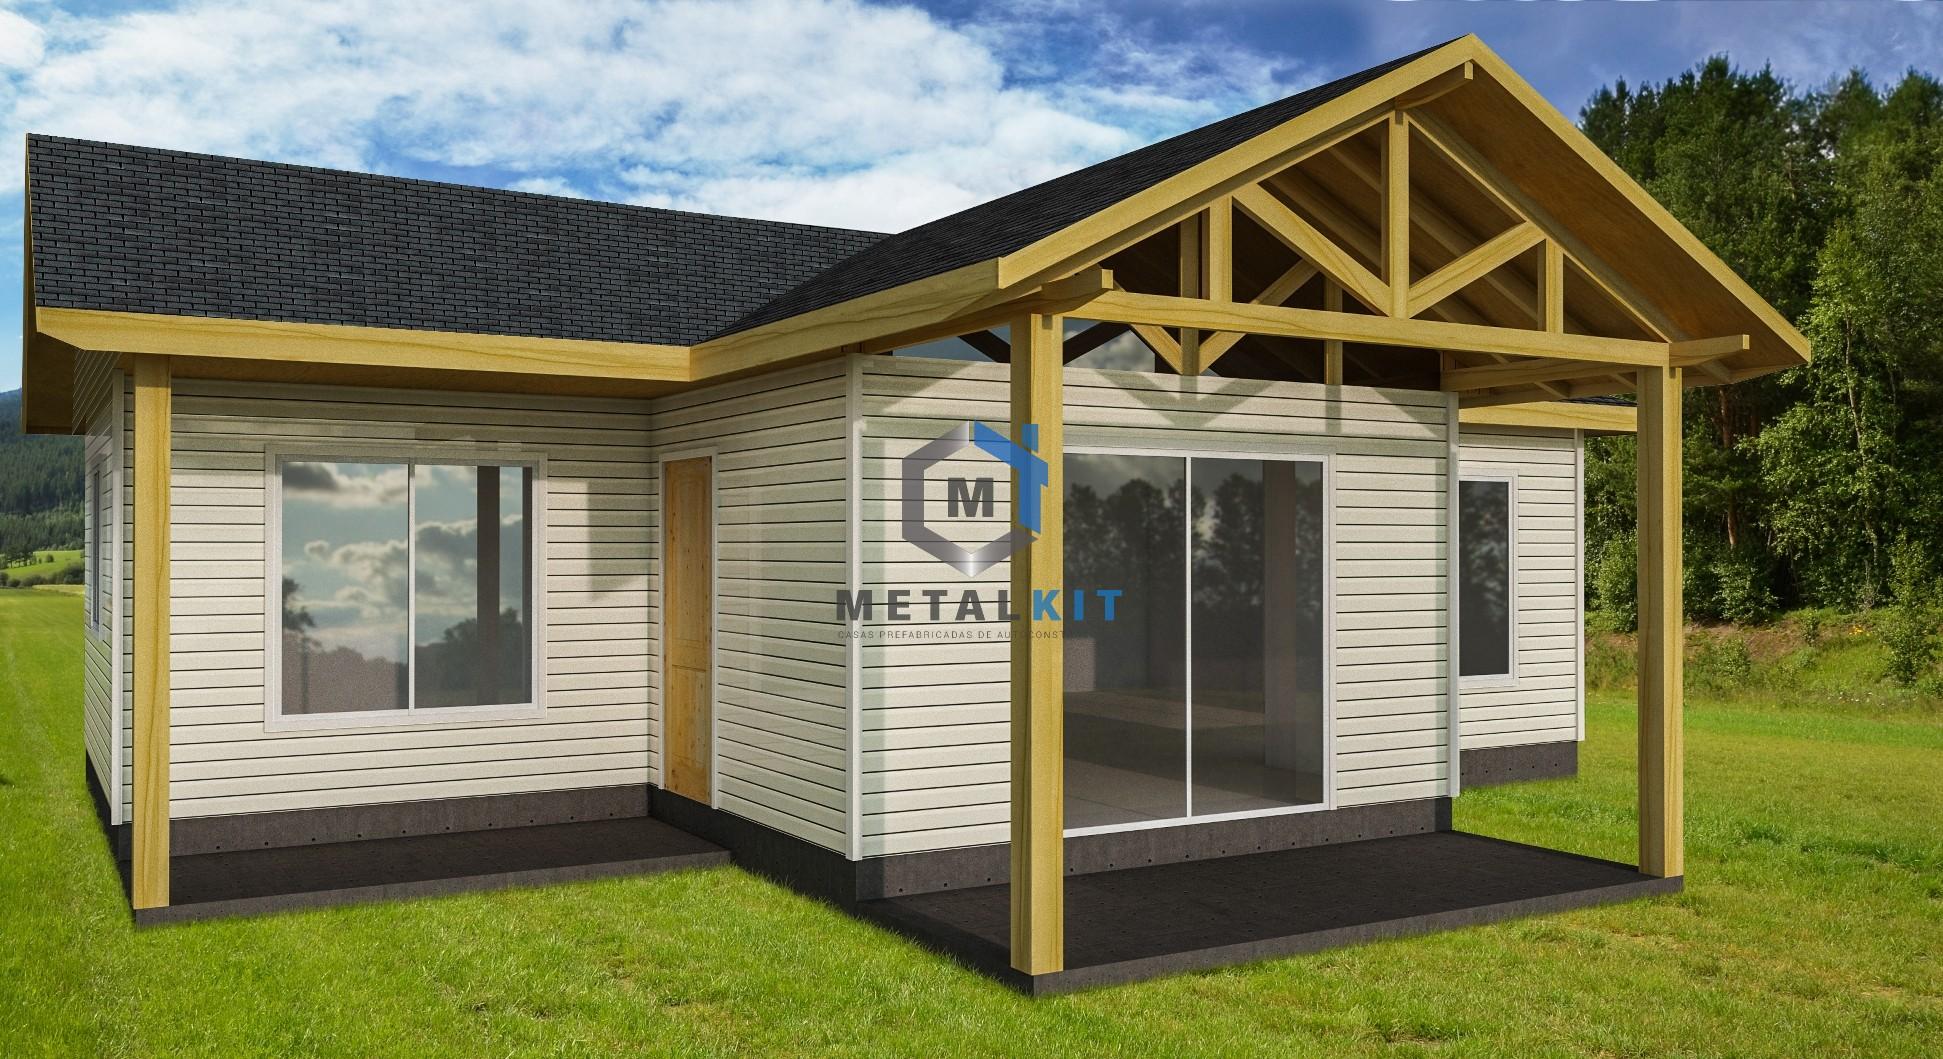 Casas tradicionales llave en mano modelo casa 65m for Kit casas prefabricadas